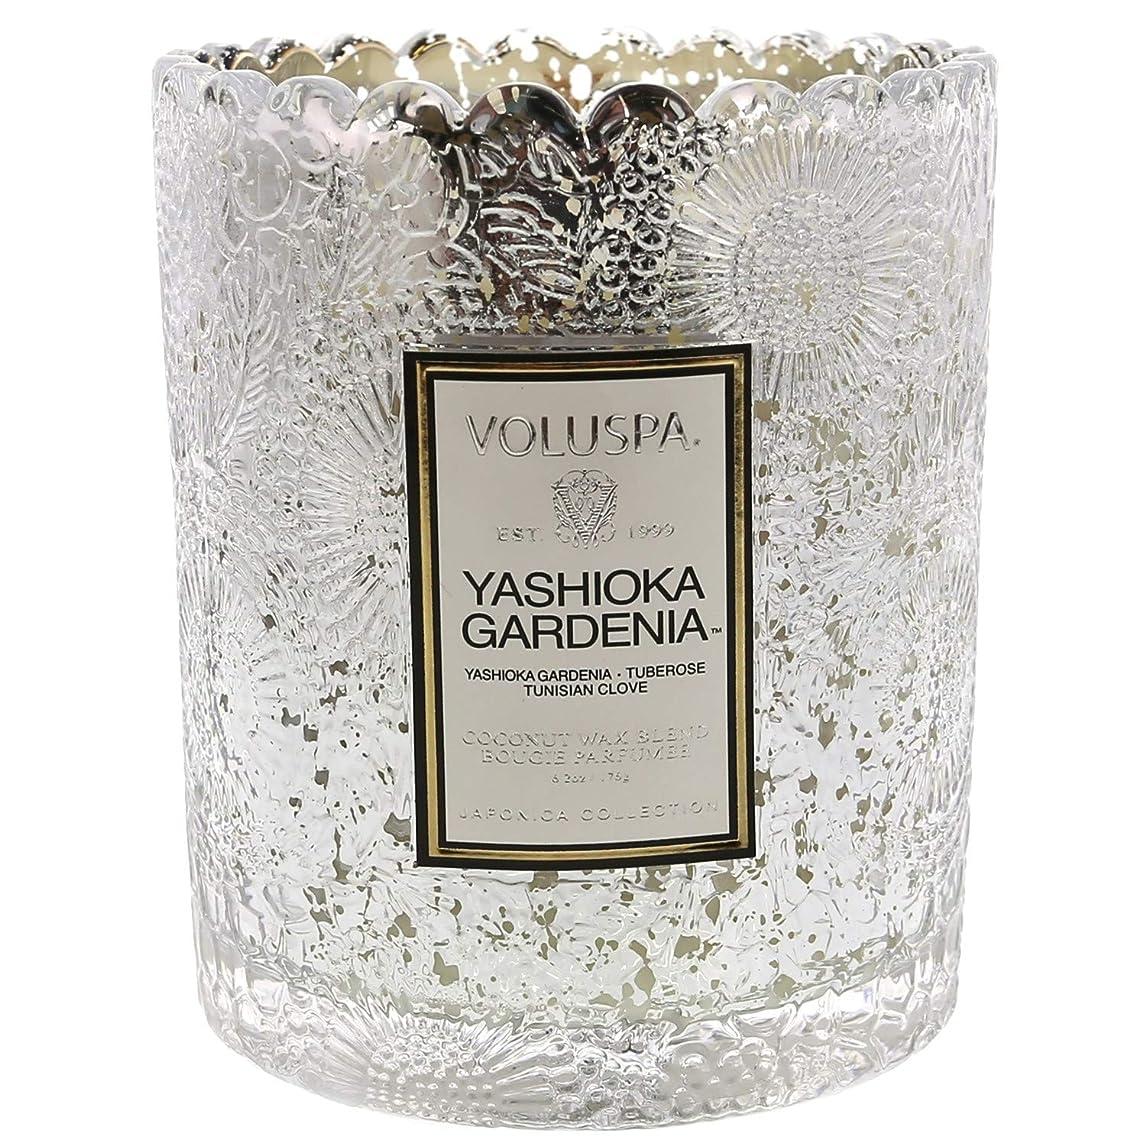 知覚的宿命球体Voluspa ボルスパ ジャポニカ リミテッド スカラップグラスキャンドル  ヤシオカガーデニア YASHIOKA GARDENIA JAPONICA Limited SCALLOPED EDGE Glass Candle